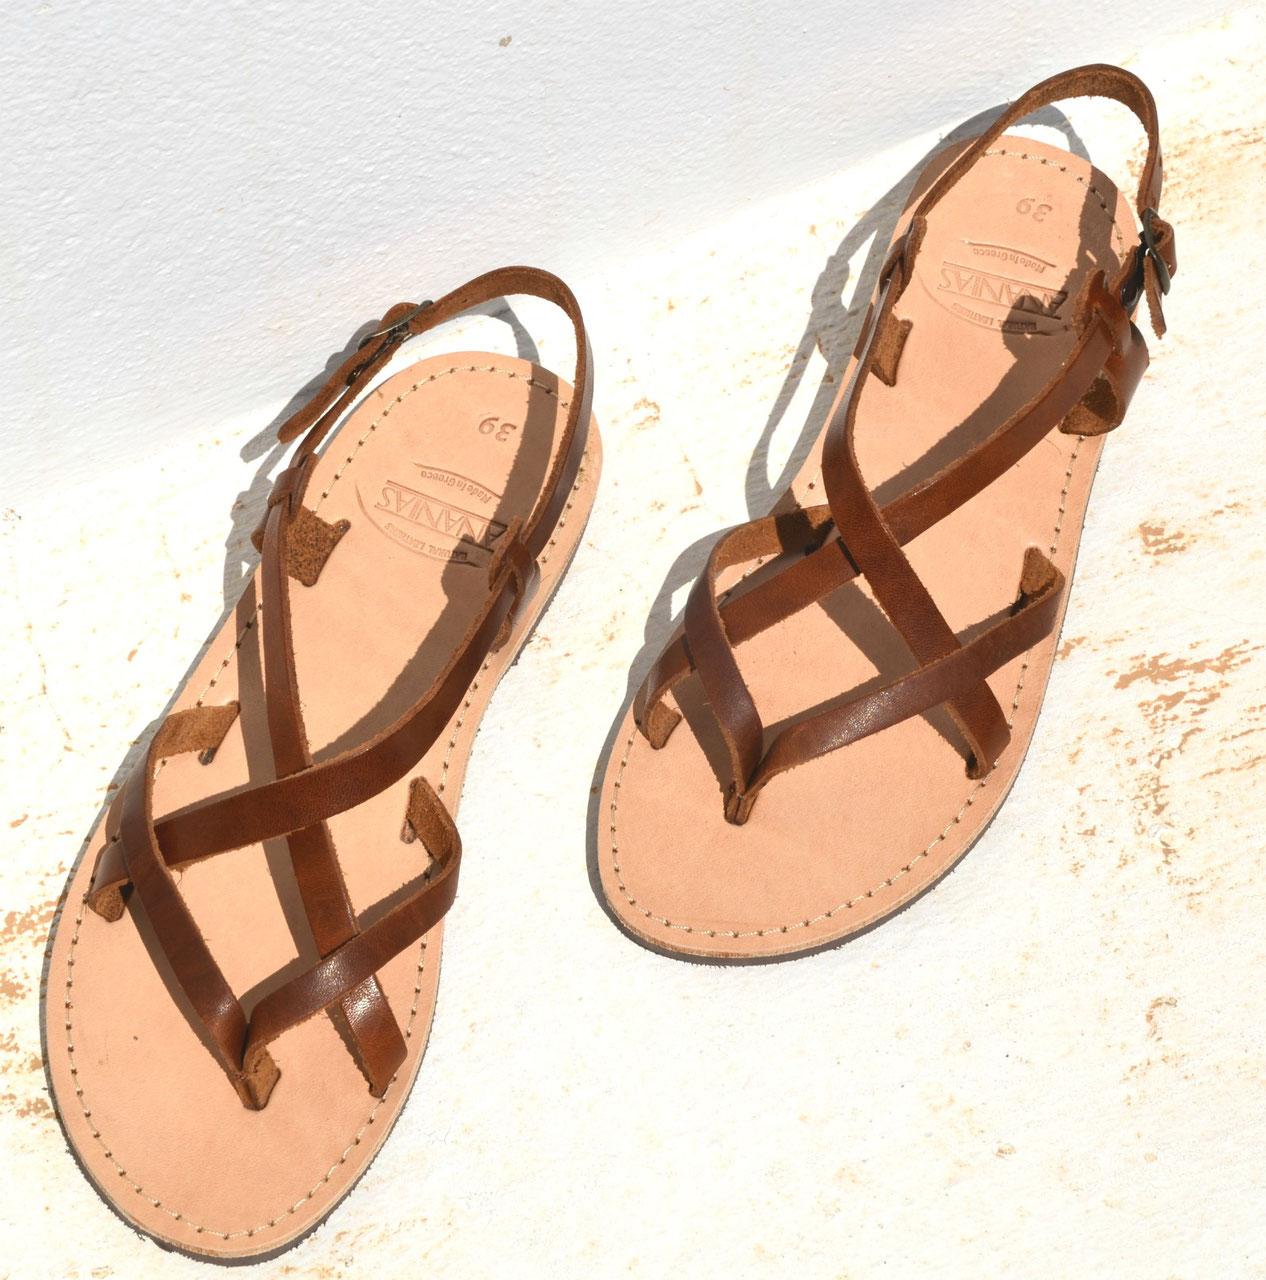 ANANIAS Leder Sandalen aus Griechenland in einem leicht glaenzendem  wunderschoenen kastanienbraun mit Naturobersohle. Sofort verfuegbar in den  Groesse 37, ... 74079d7cf1